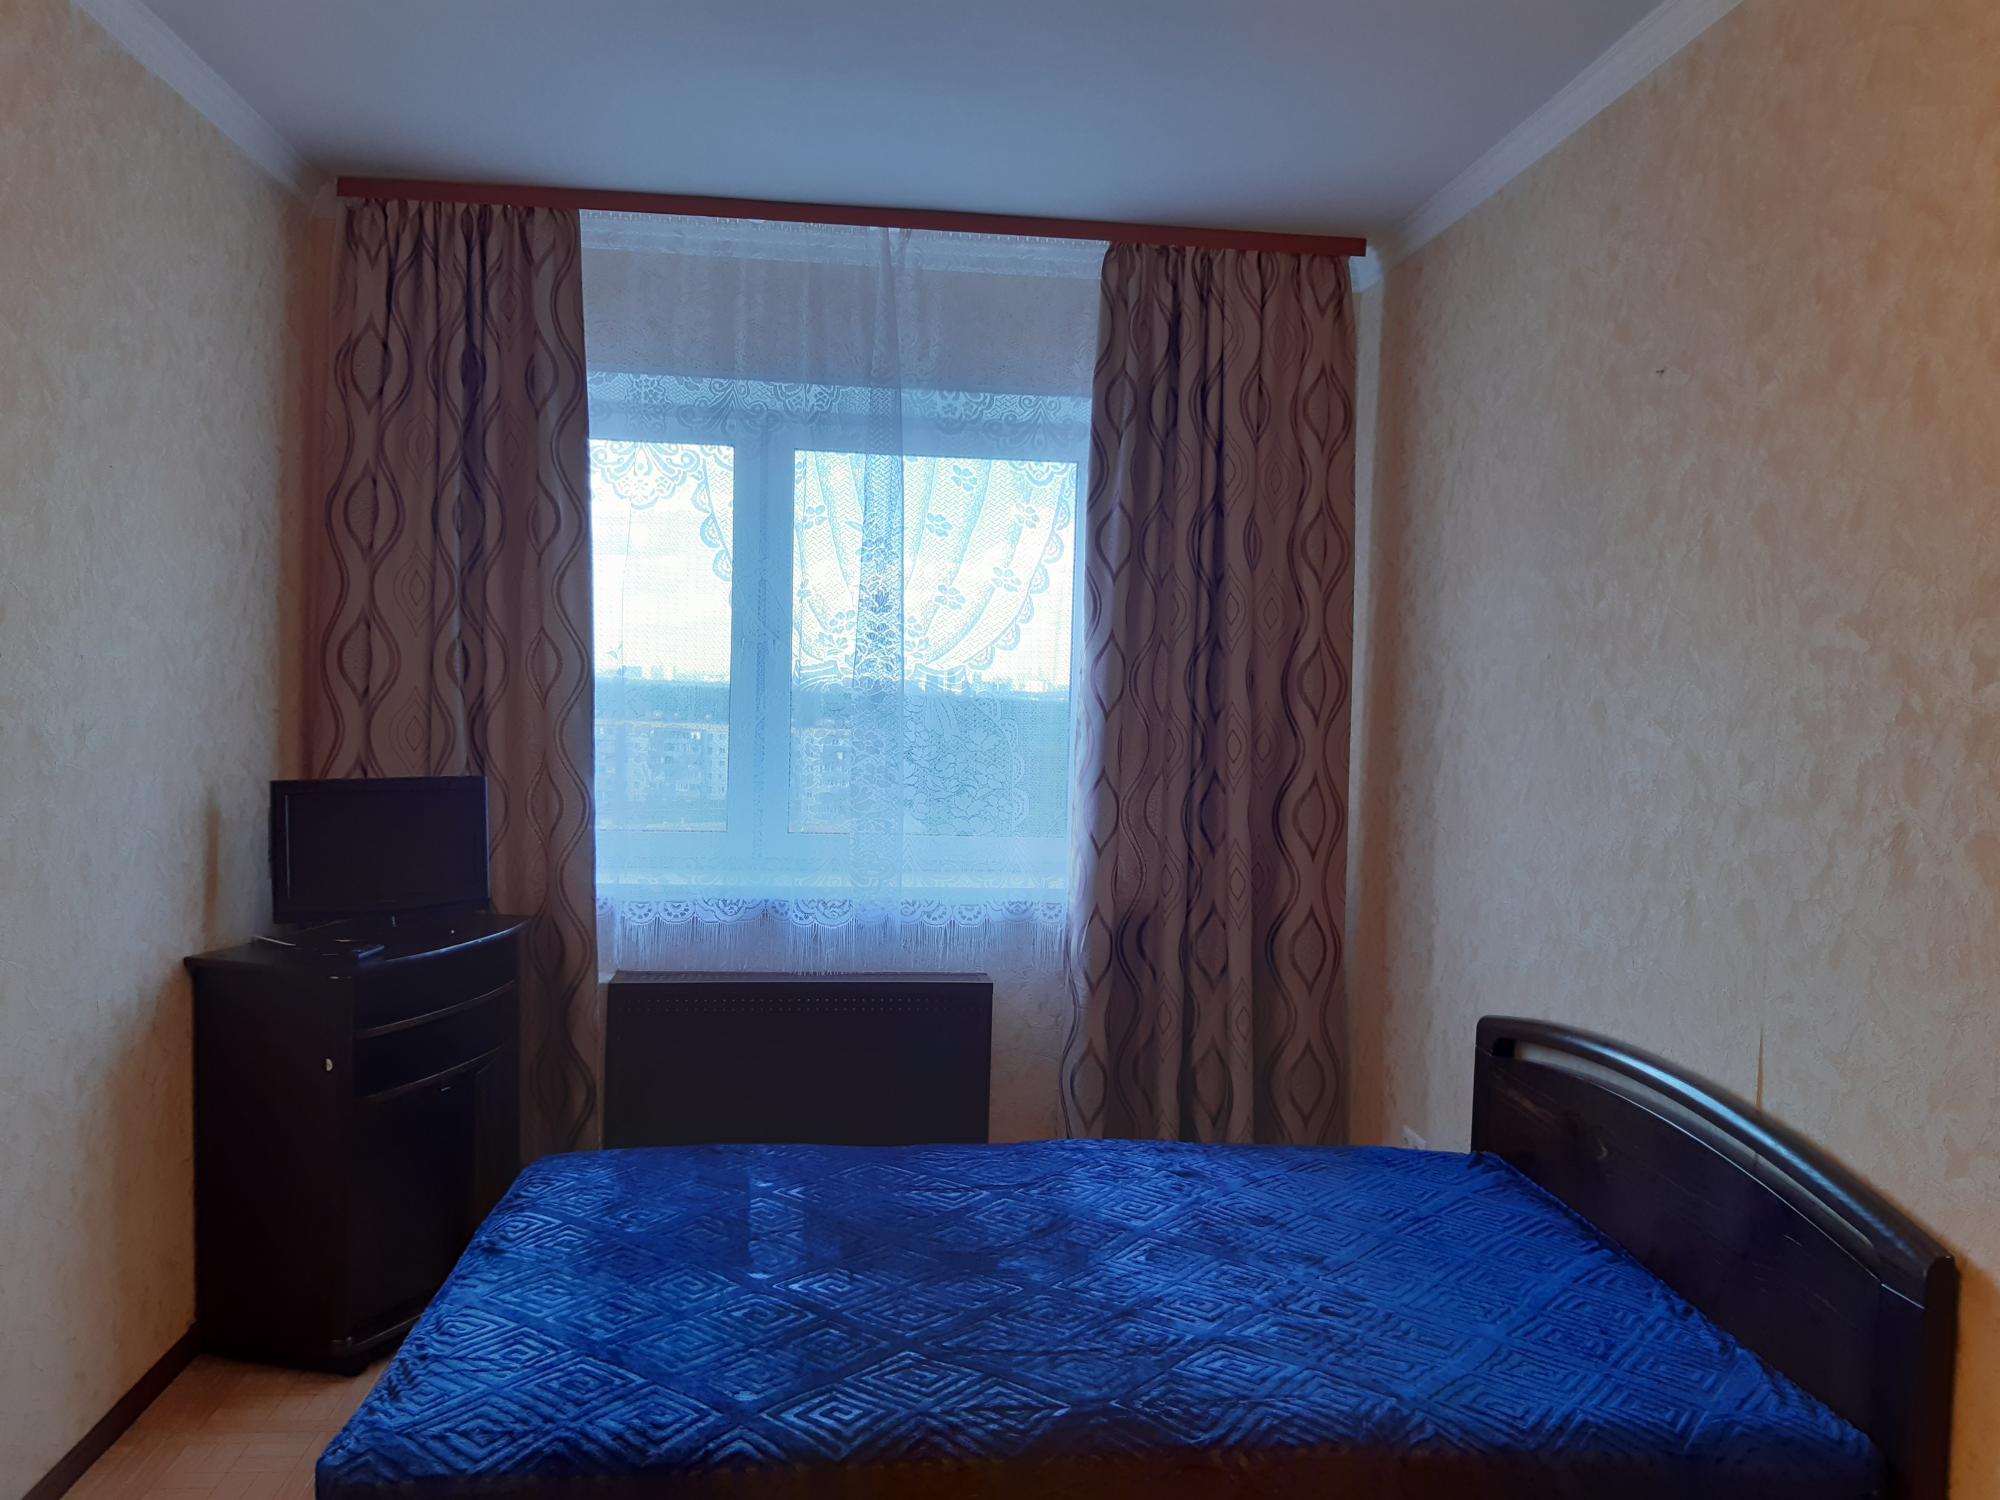 Квартира, 2 комнаты, 63.2 м² в Котельниках 89295674093 купить 6